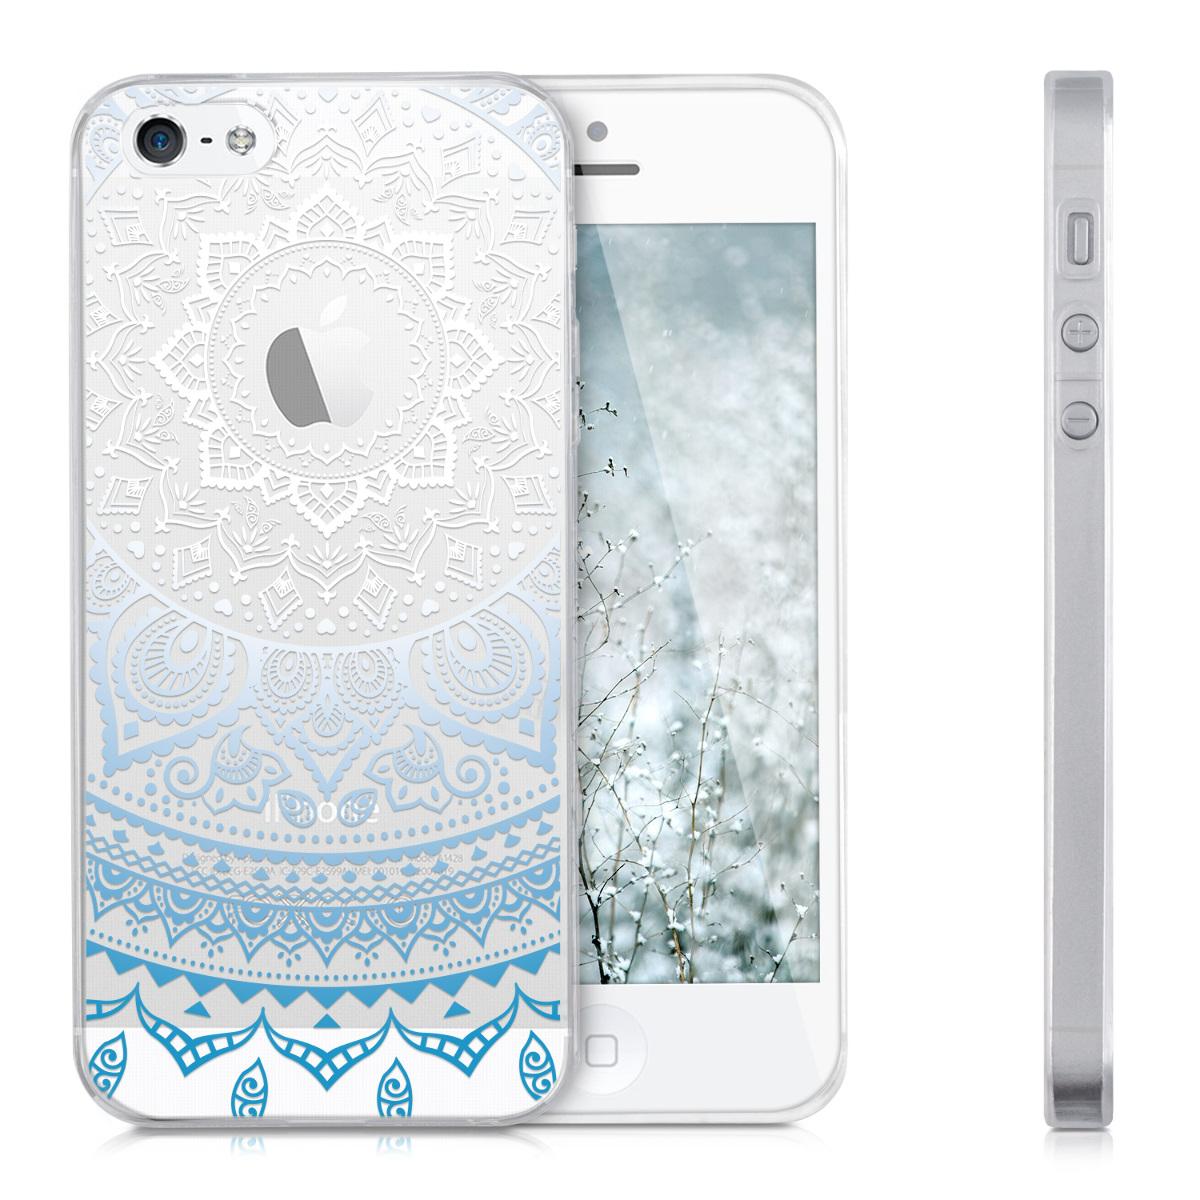 Kwmobile funda para apple iphone se 5 5s color deseado tpu silicona carcasa ebay - Fundas de silicona para iphone 5 ...